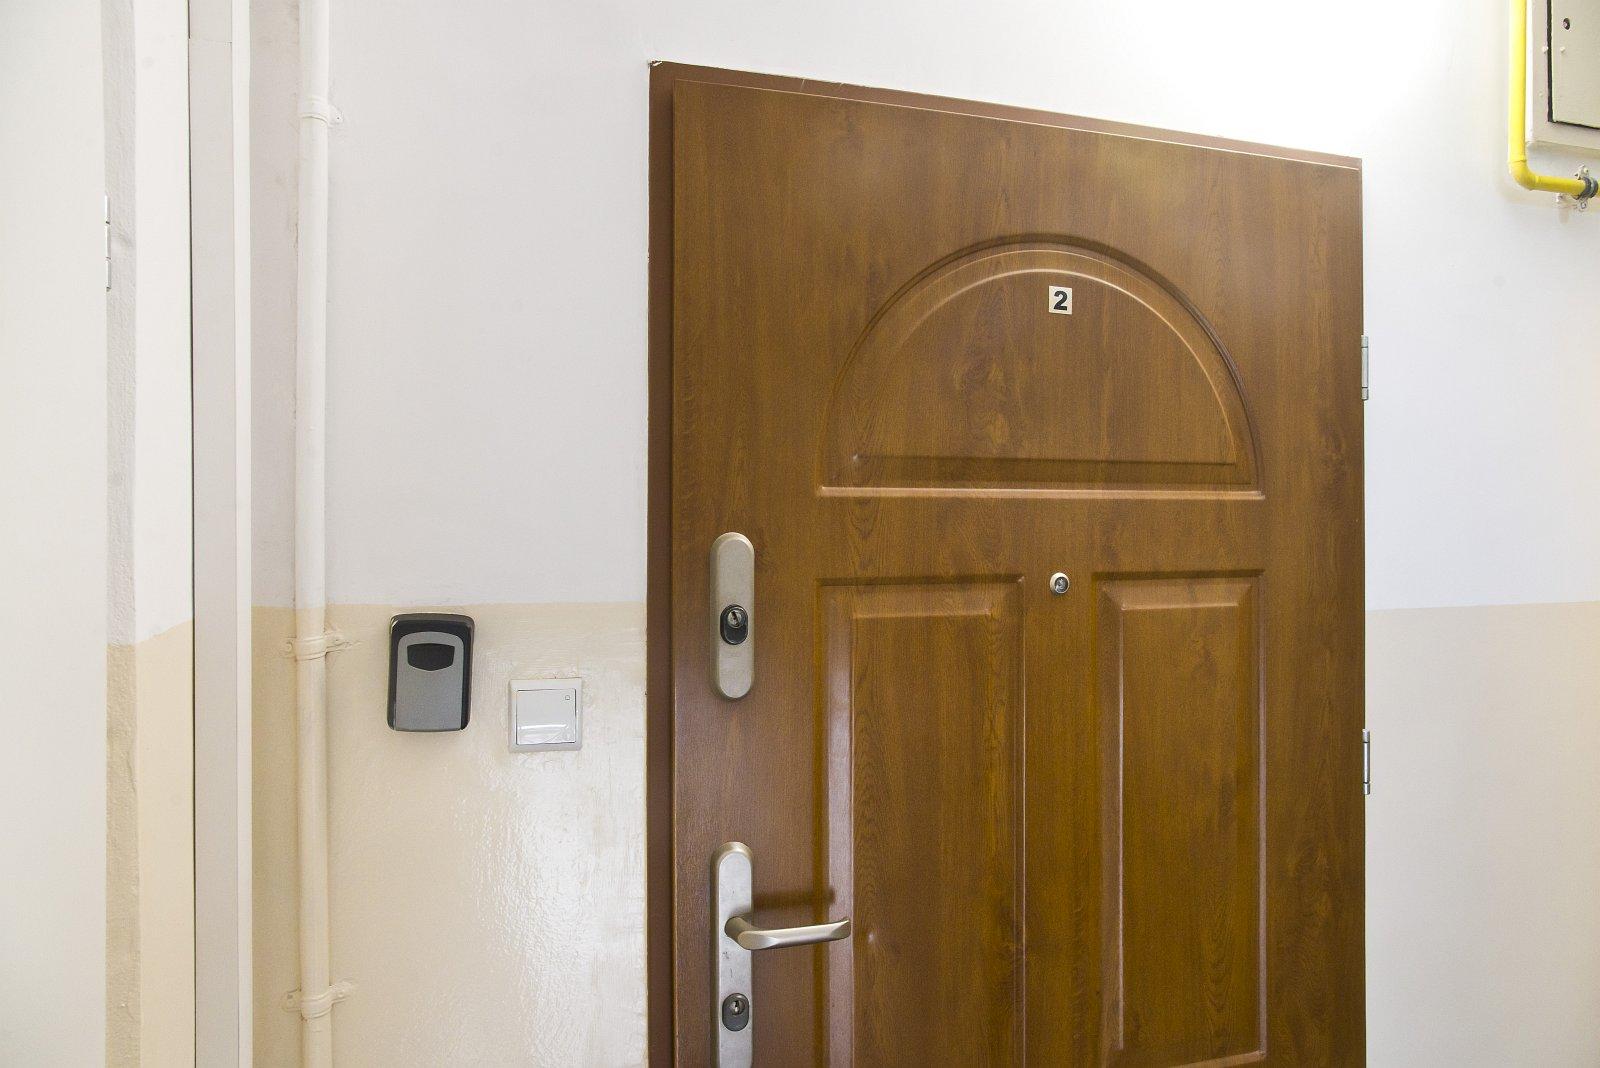 mieszkanie-wynajem-gdansk-ch-05-02web